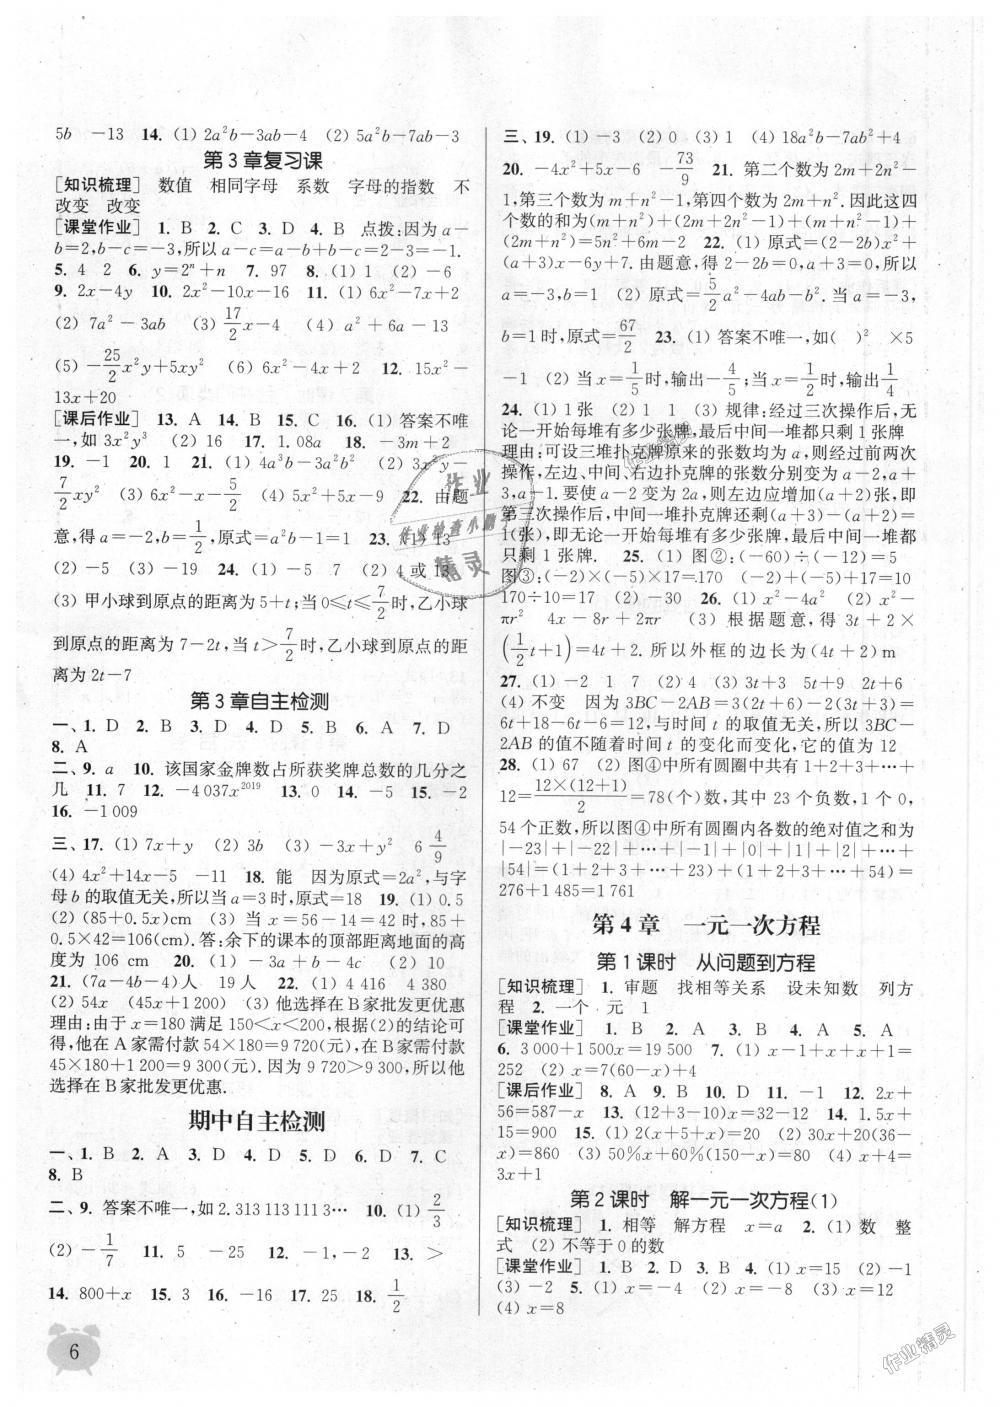 2018年通城学典课时作业本七年级数学上册江苏版江苏专用第6页